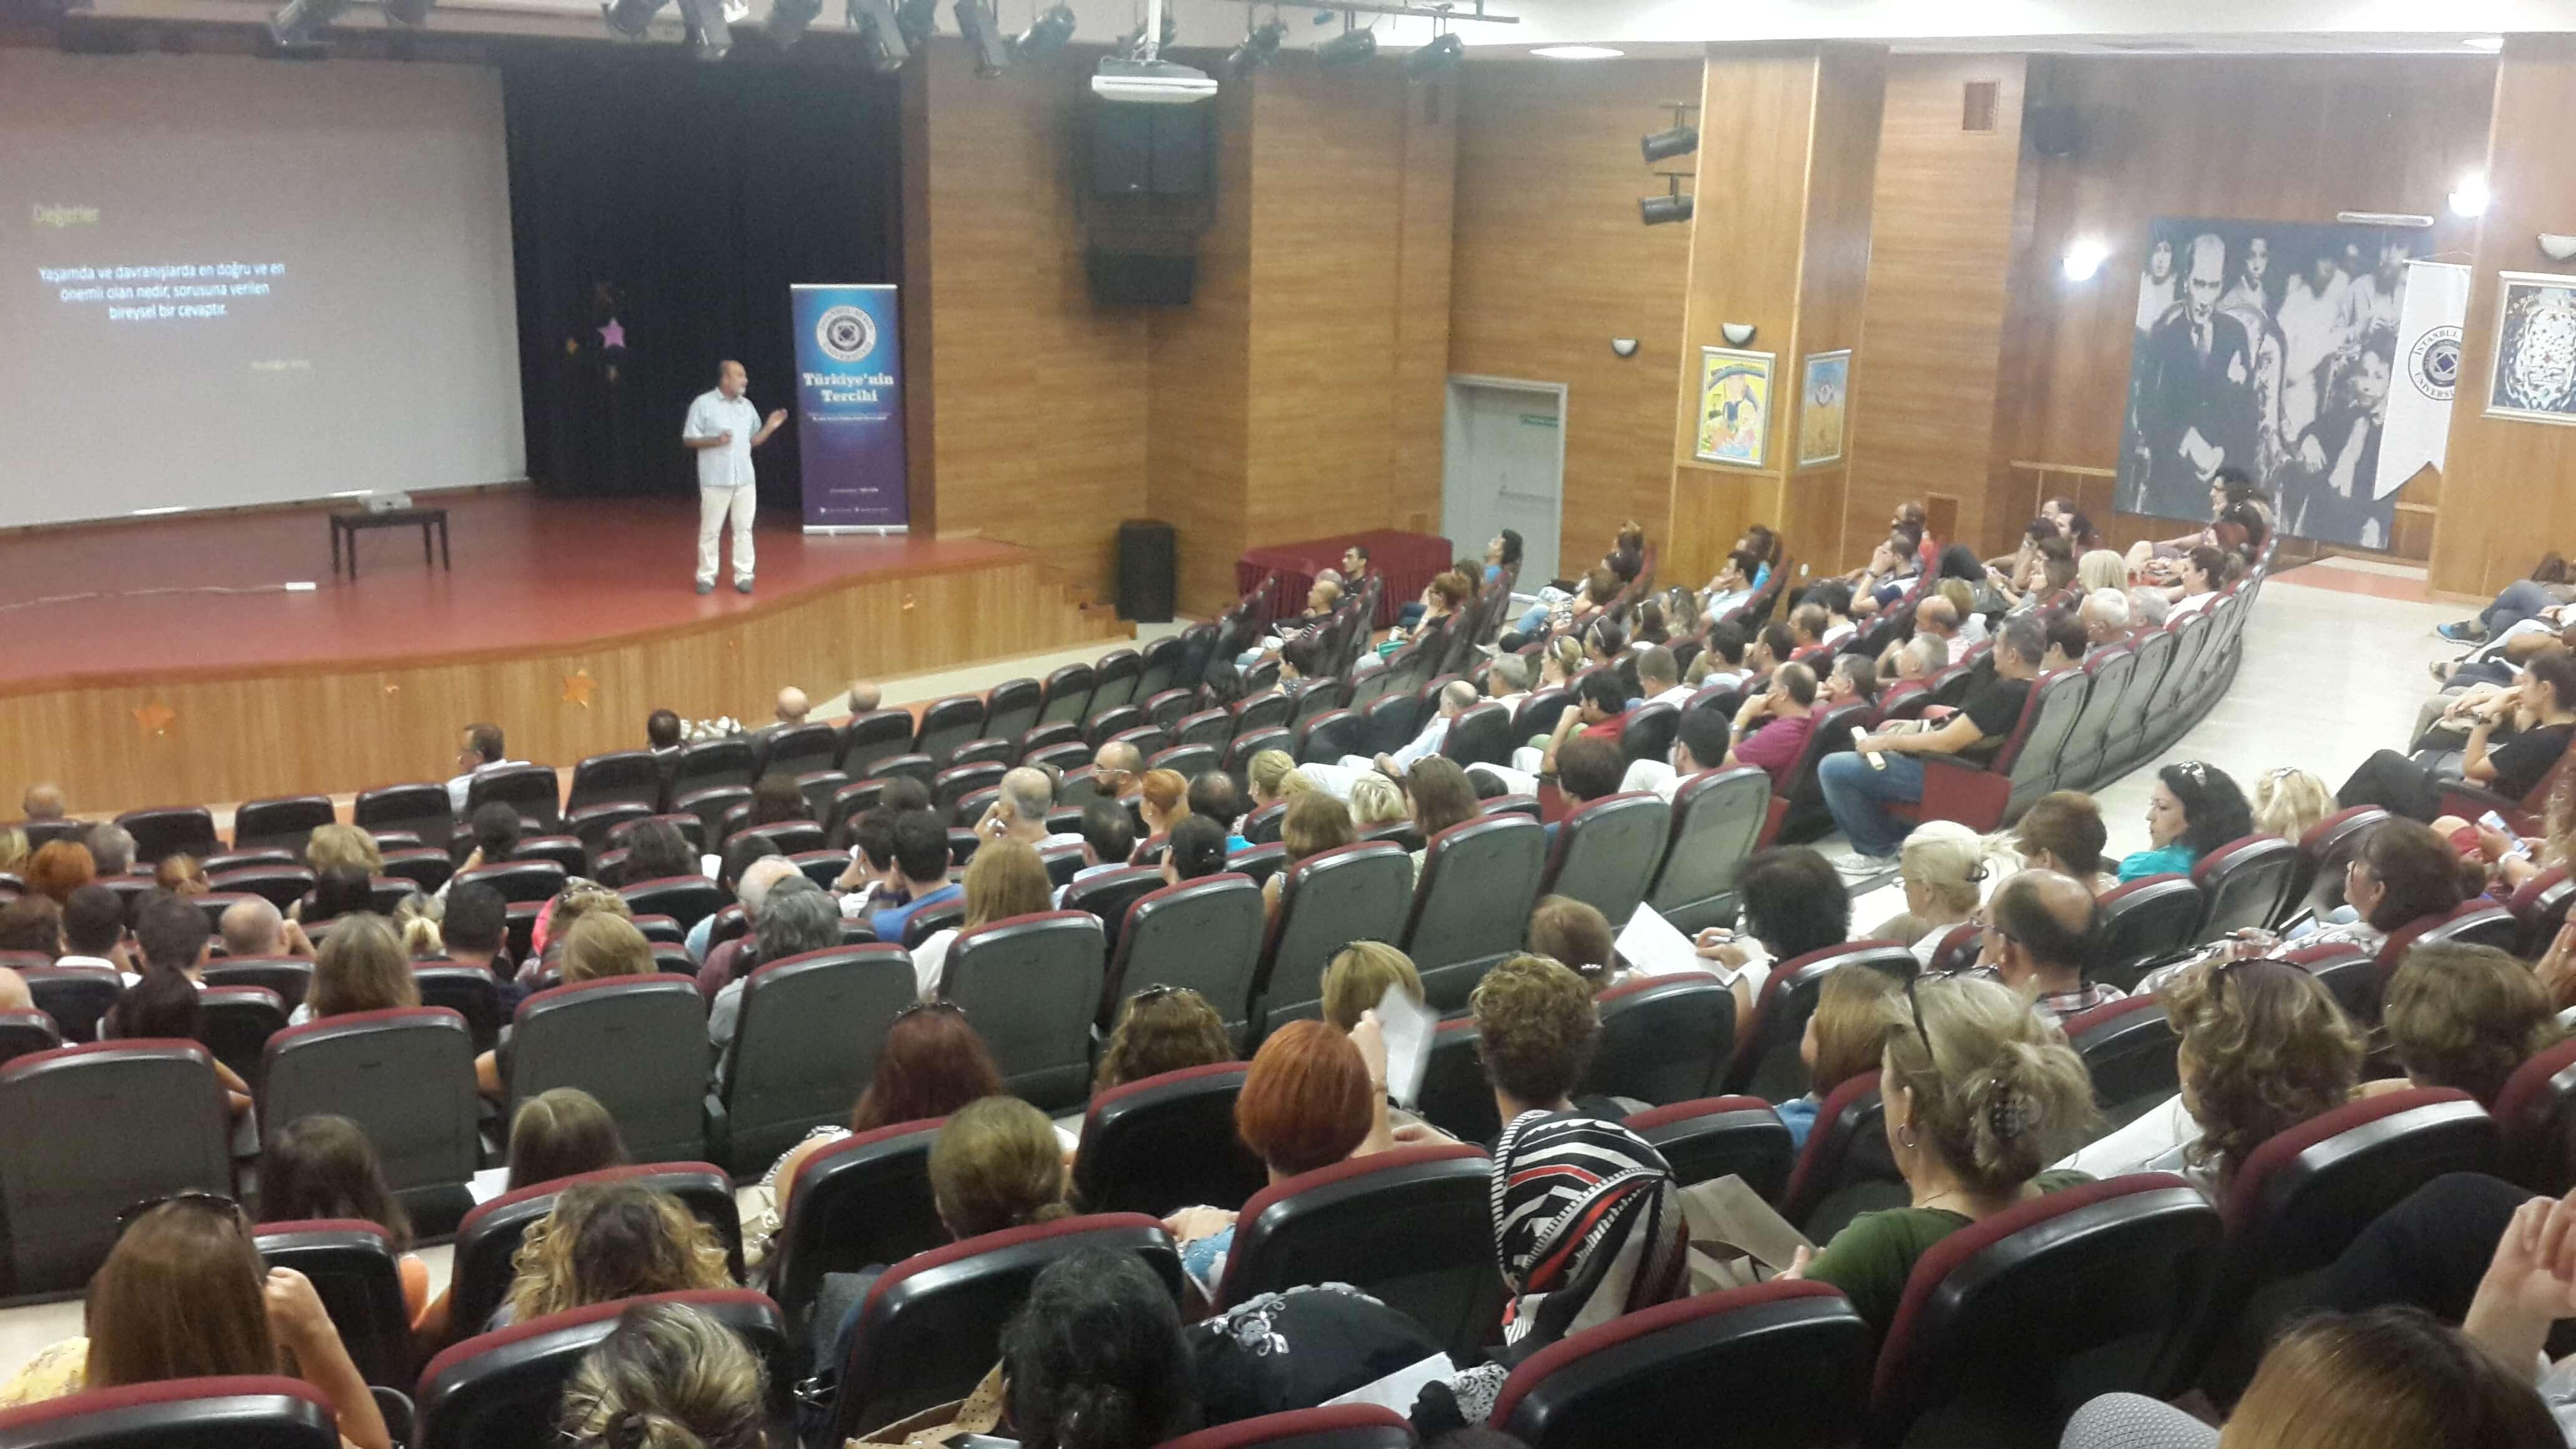 Okulumuz Sosyolog Yazar Nurdoğan Arkış'ı Konuk Etti